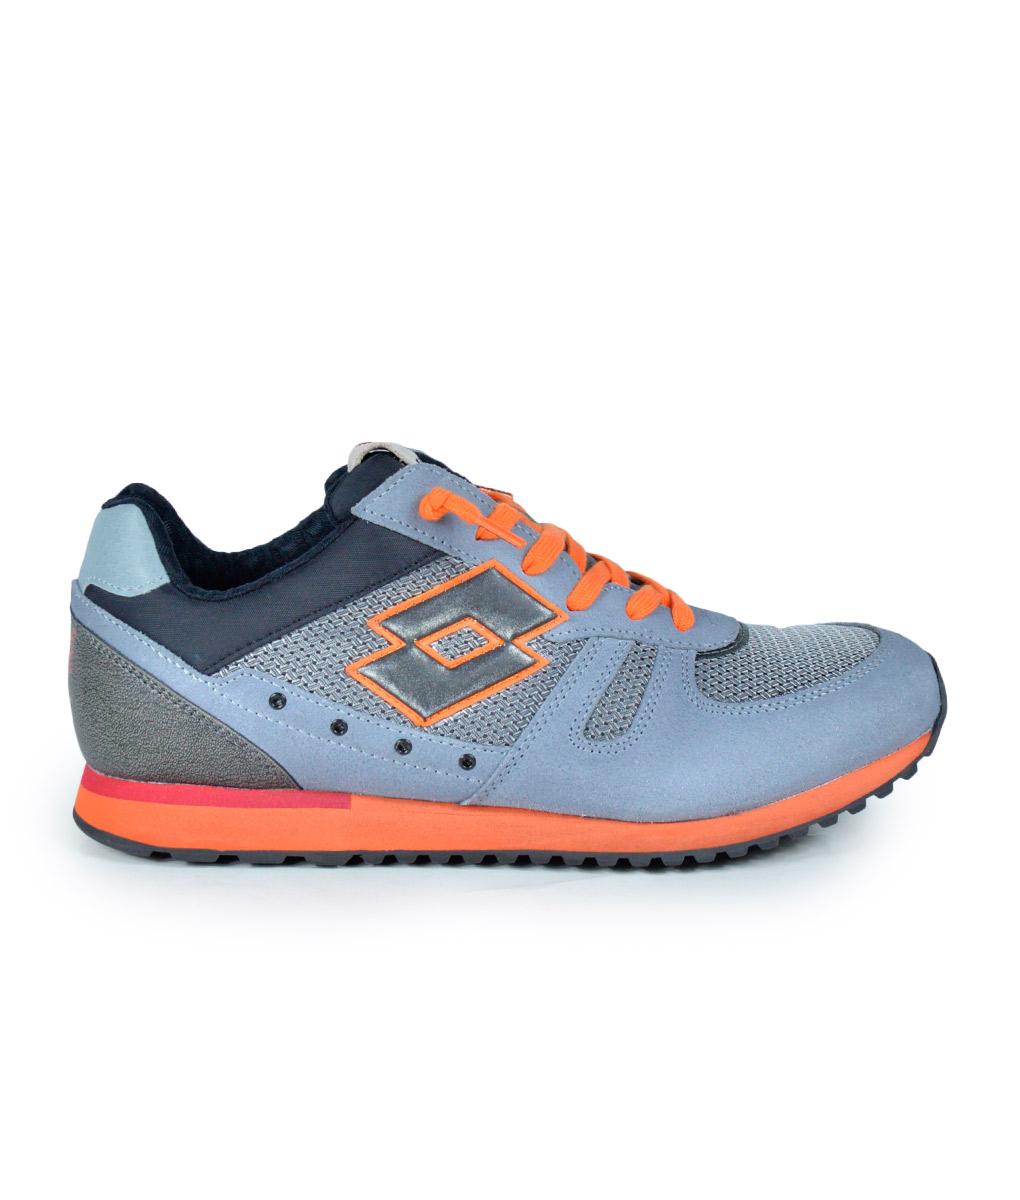 Sneakers uomo Lotto Leggenda - Vestire Shop a852a78802b